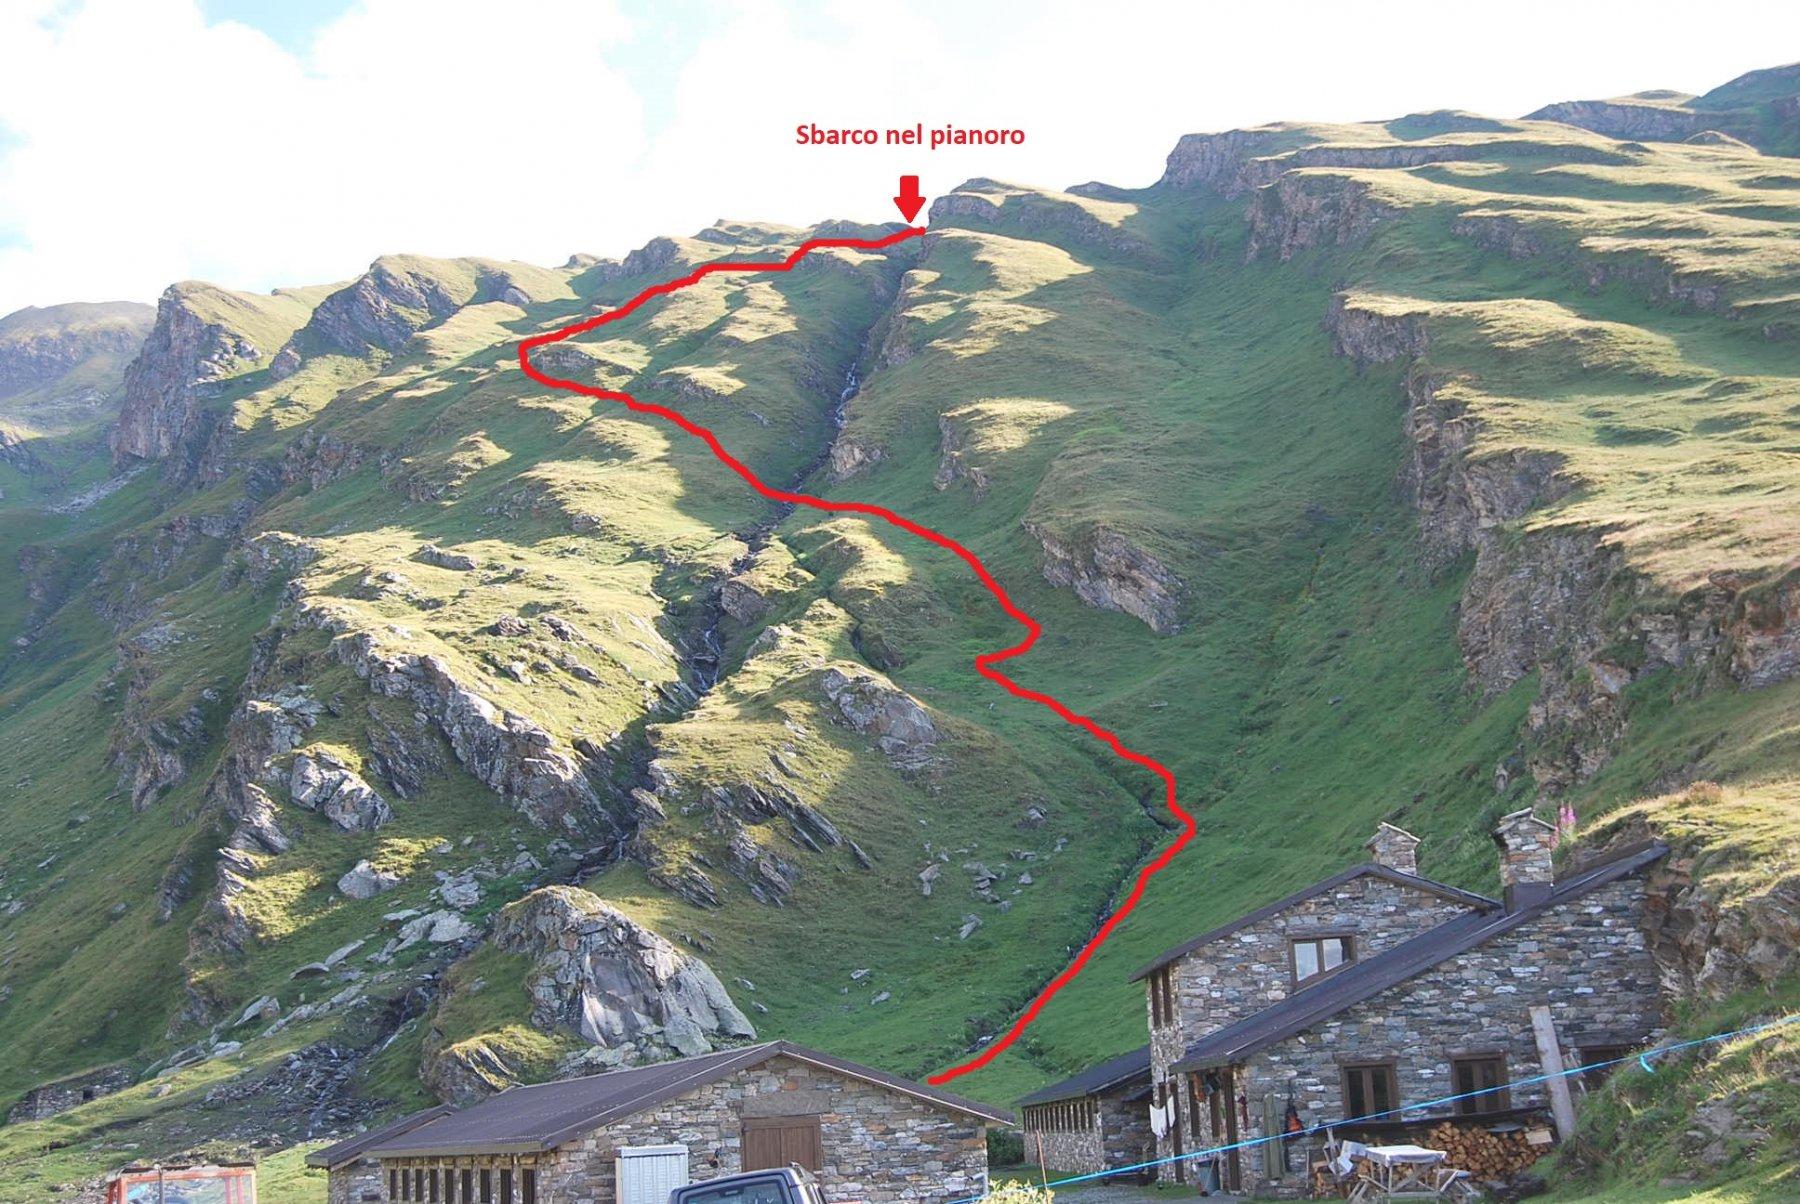 Il primo tratto della via di salita, dall'alpeggio di Bonalex al pianoro